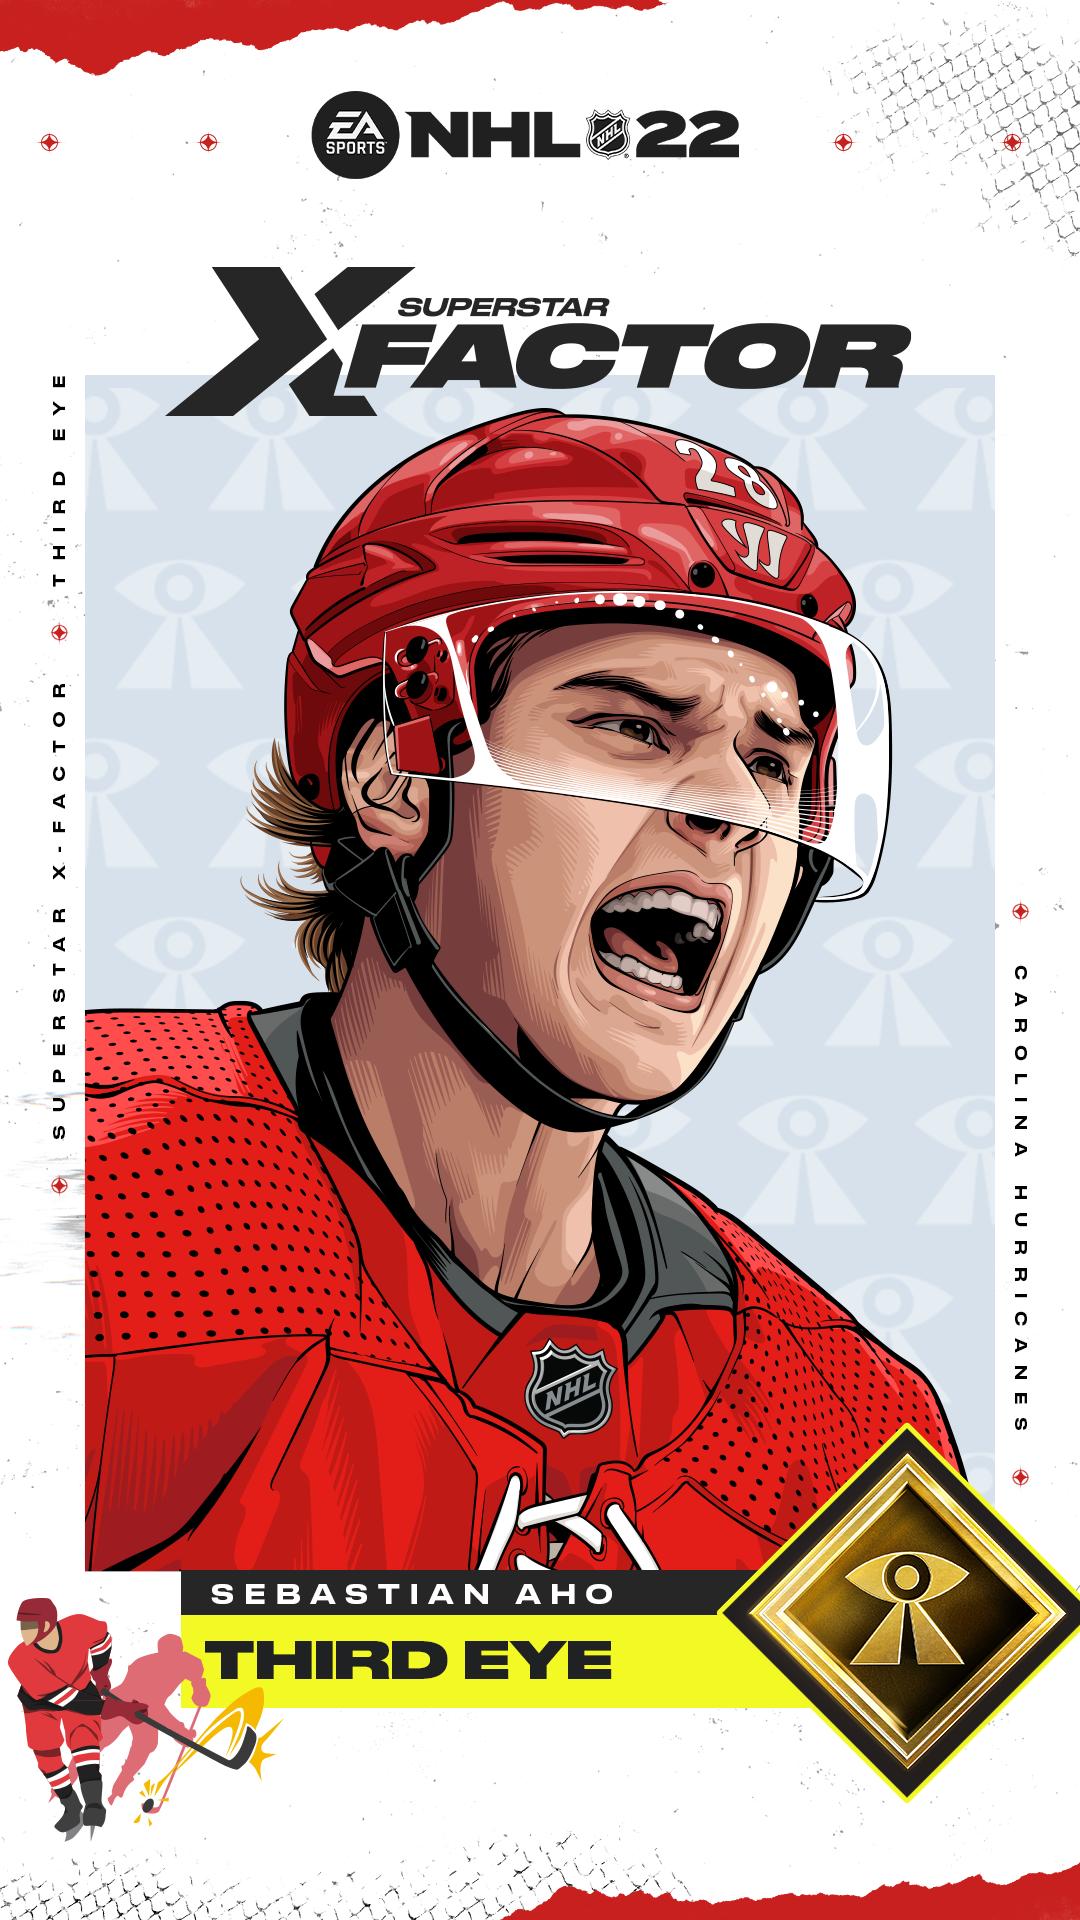 NHL22_XFactor_SebastianAho_9x16